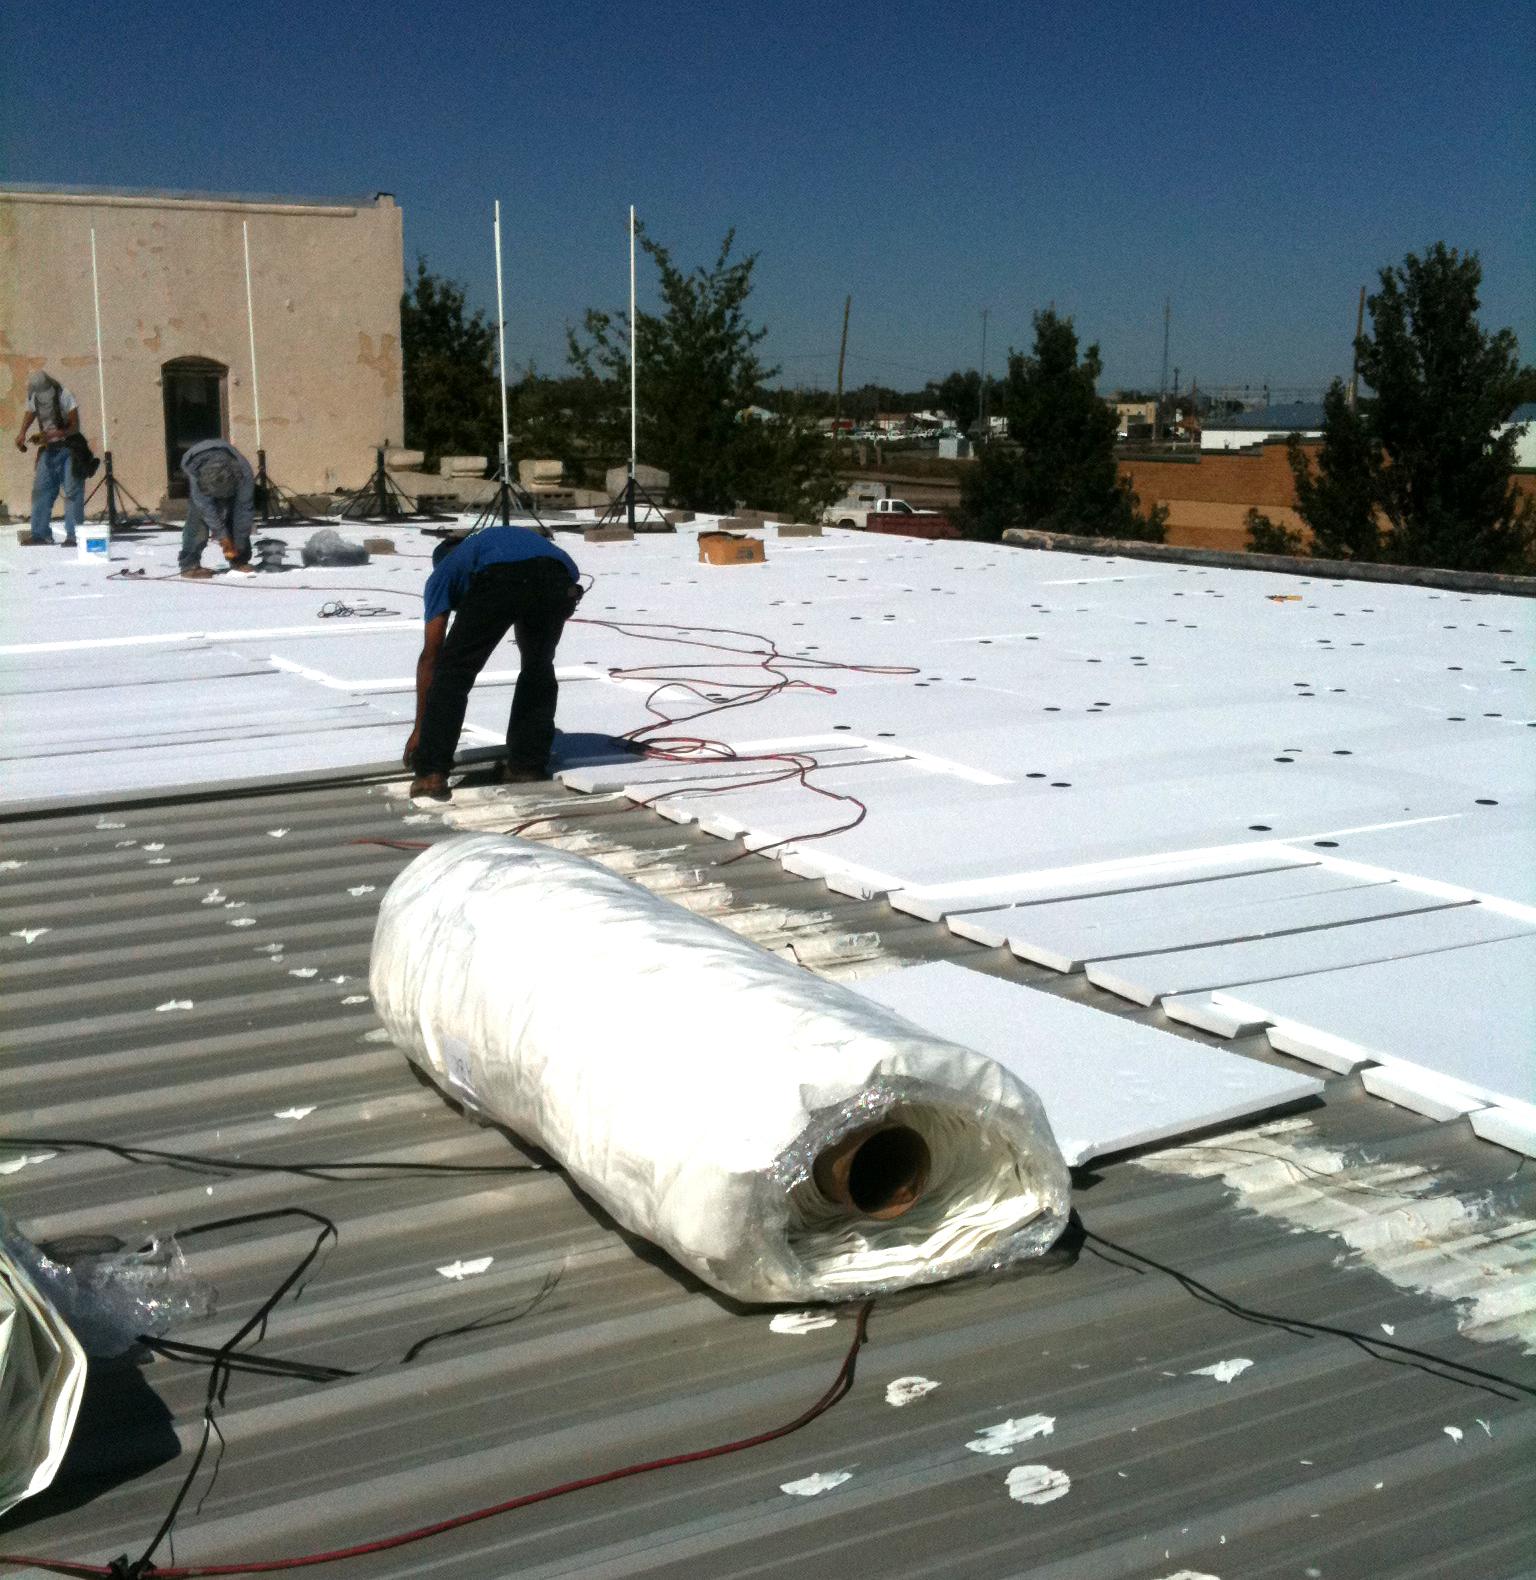 Retro-fit-Foam-Insulationcolor.jpg